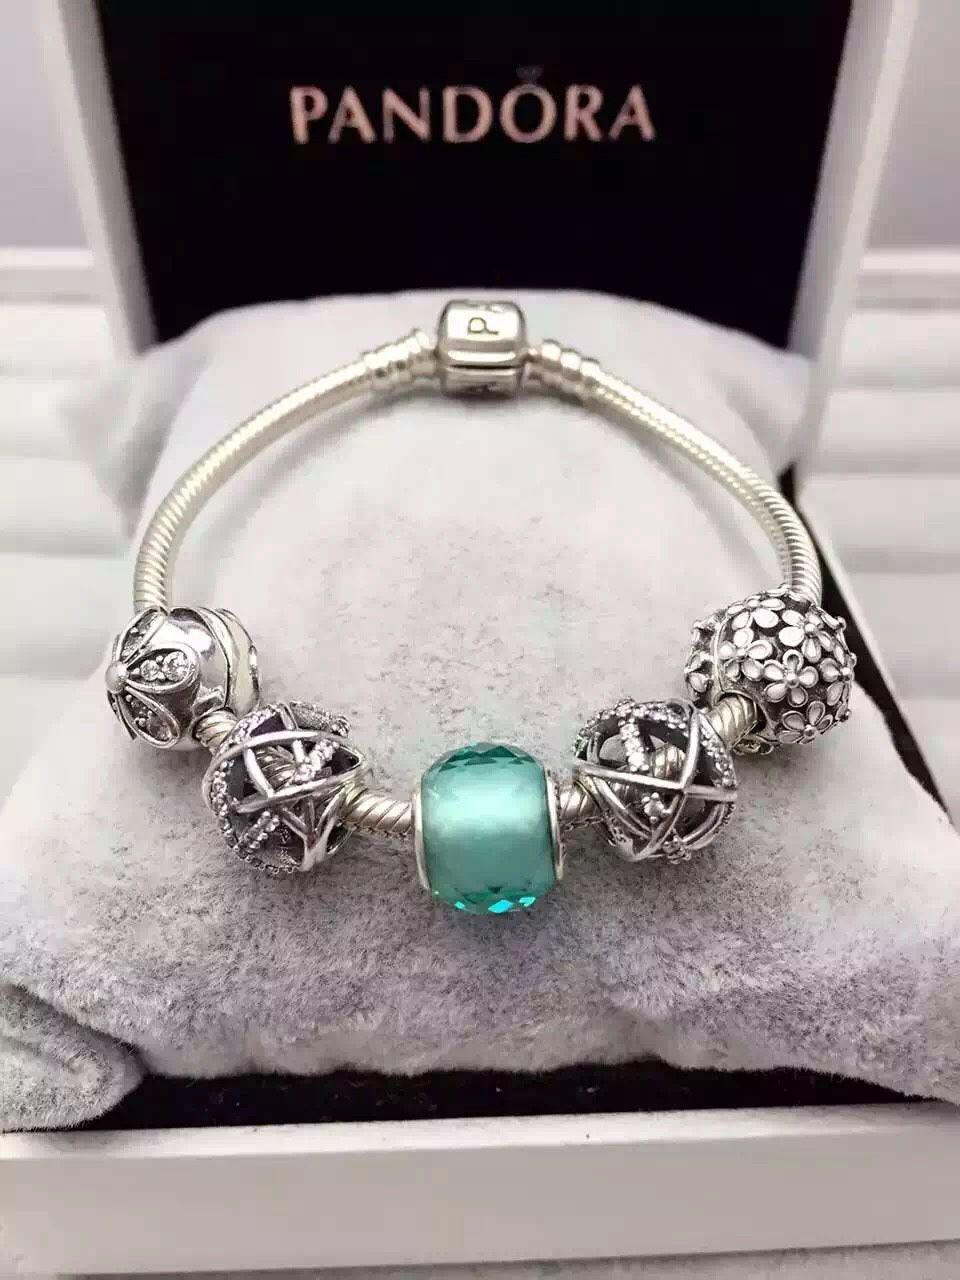 6b99d0824d01 50% OFF!!! $159 Pandora Charm Bracelet Green. Hot Sale!!! SKU ...